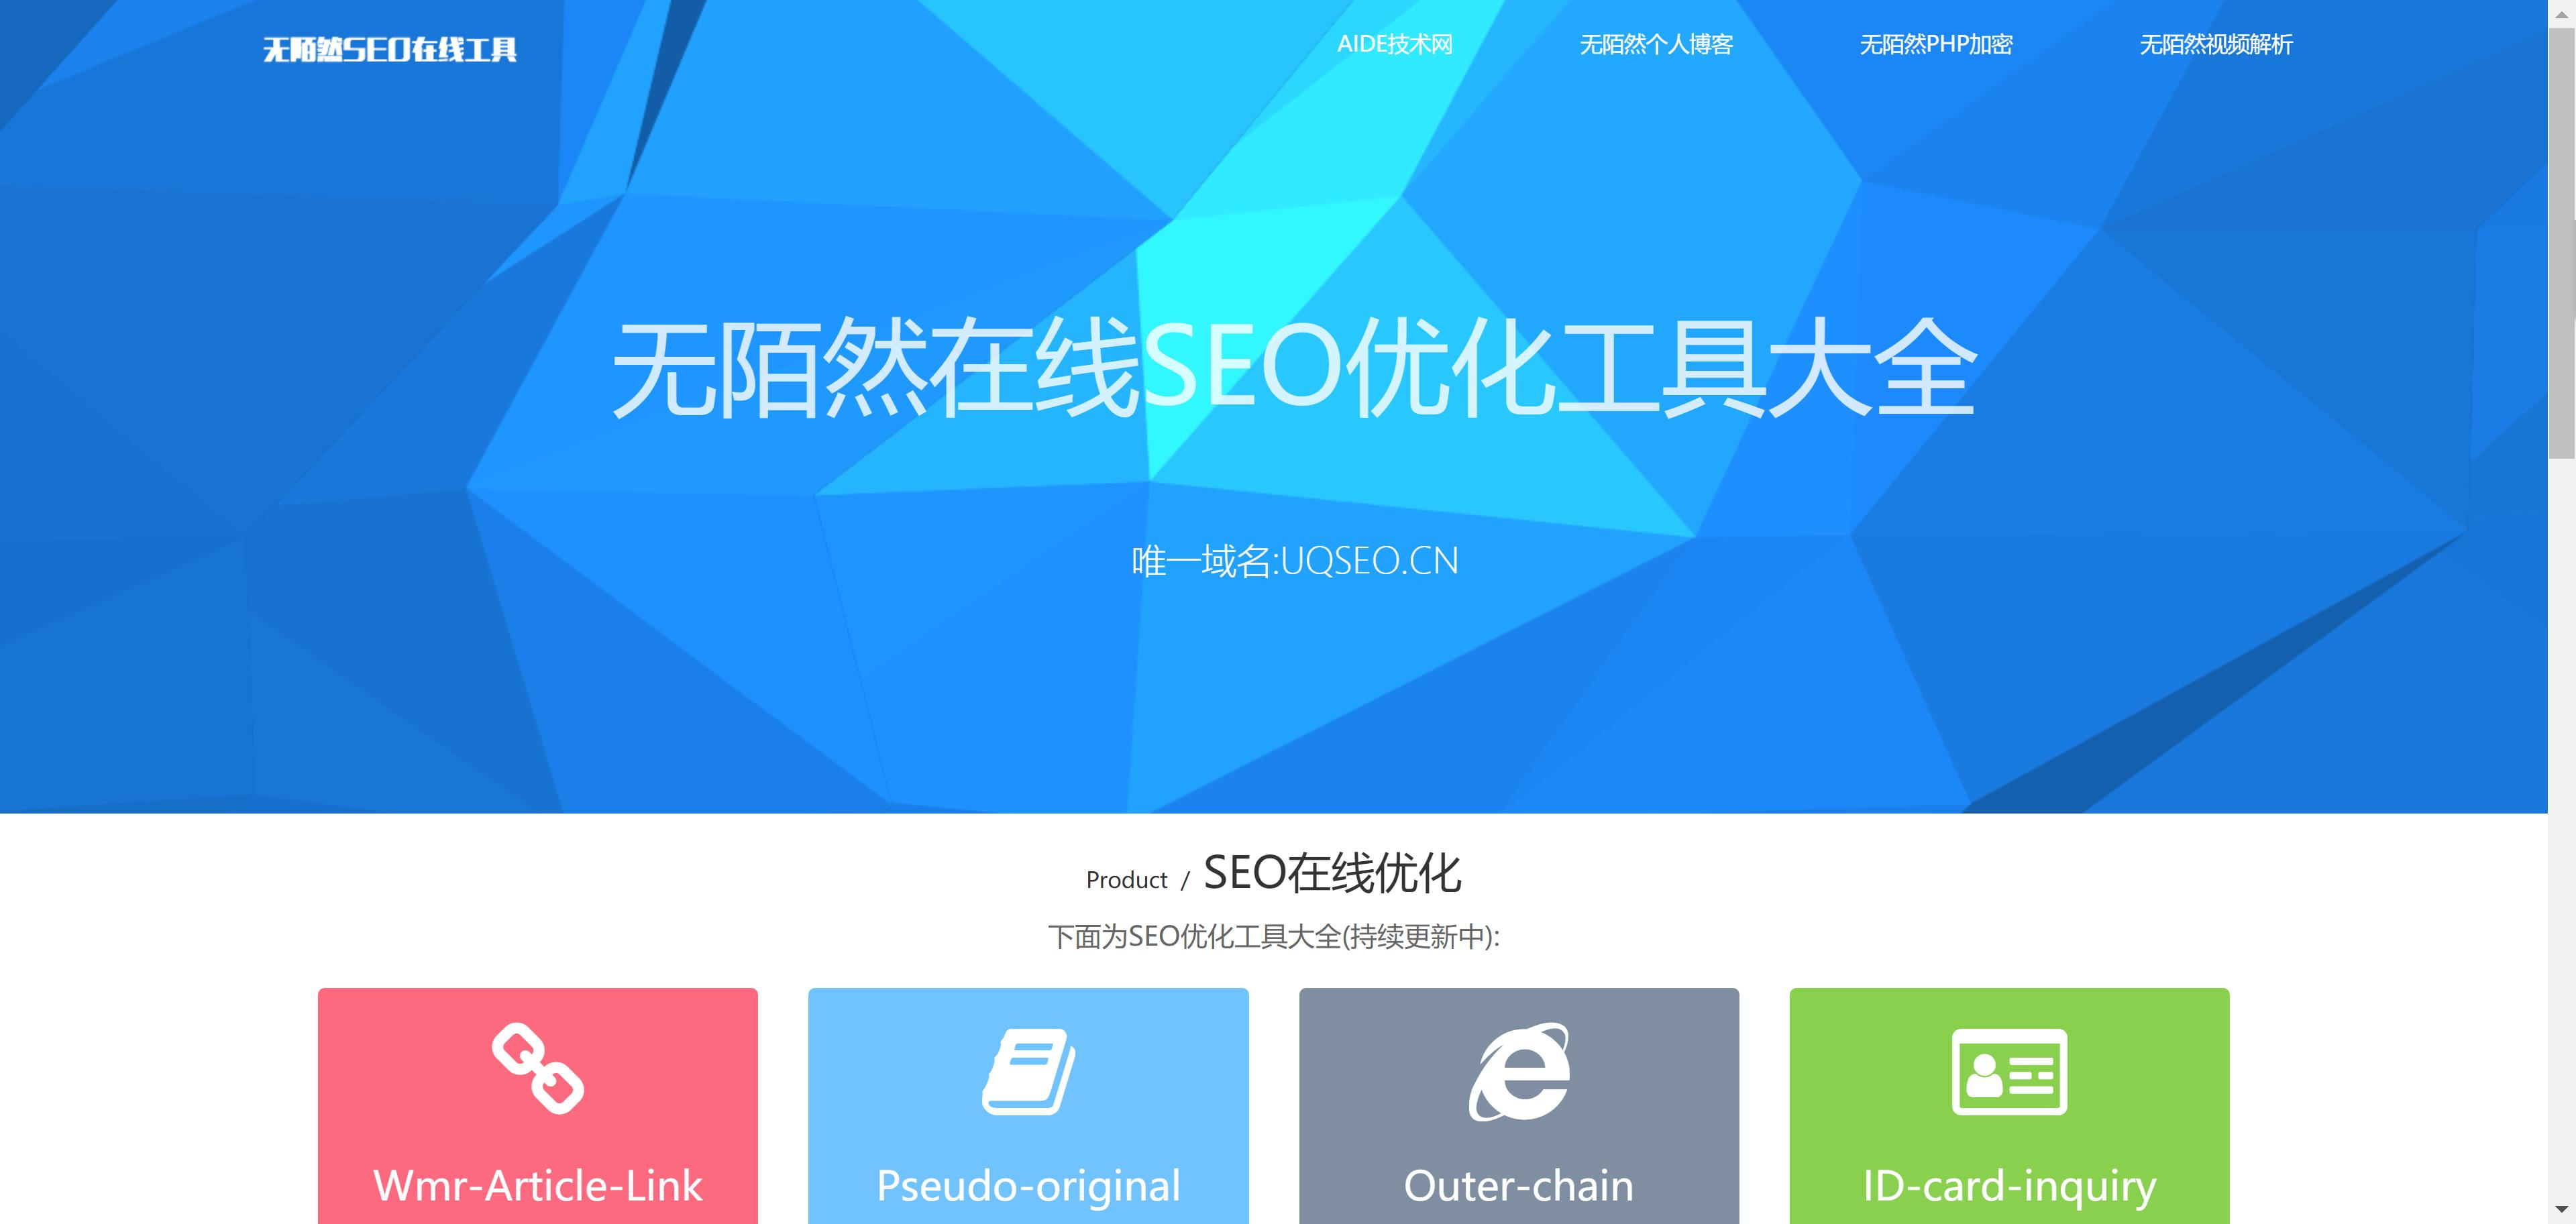 无陌然在线SEO优化工具大全网站